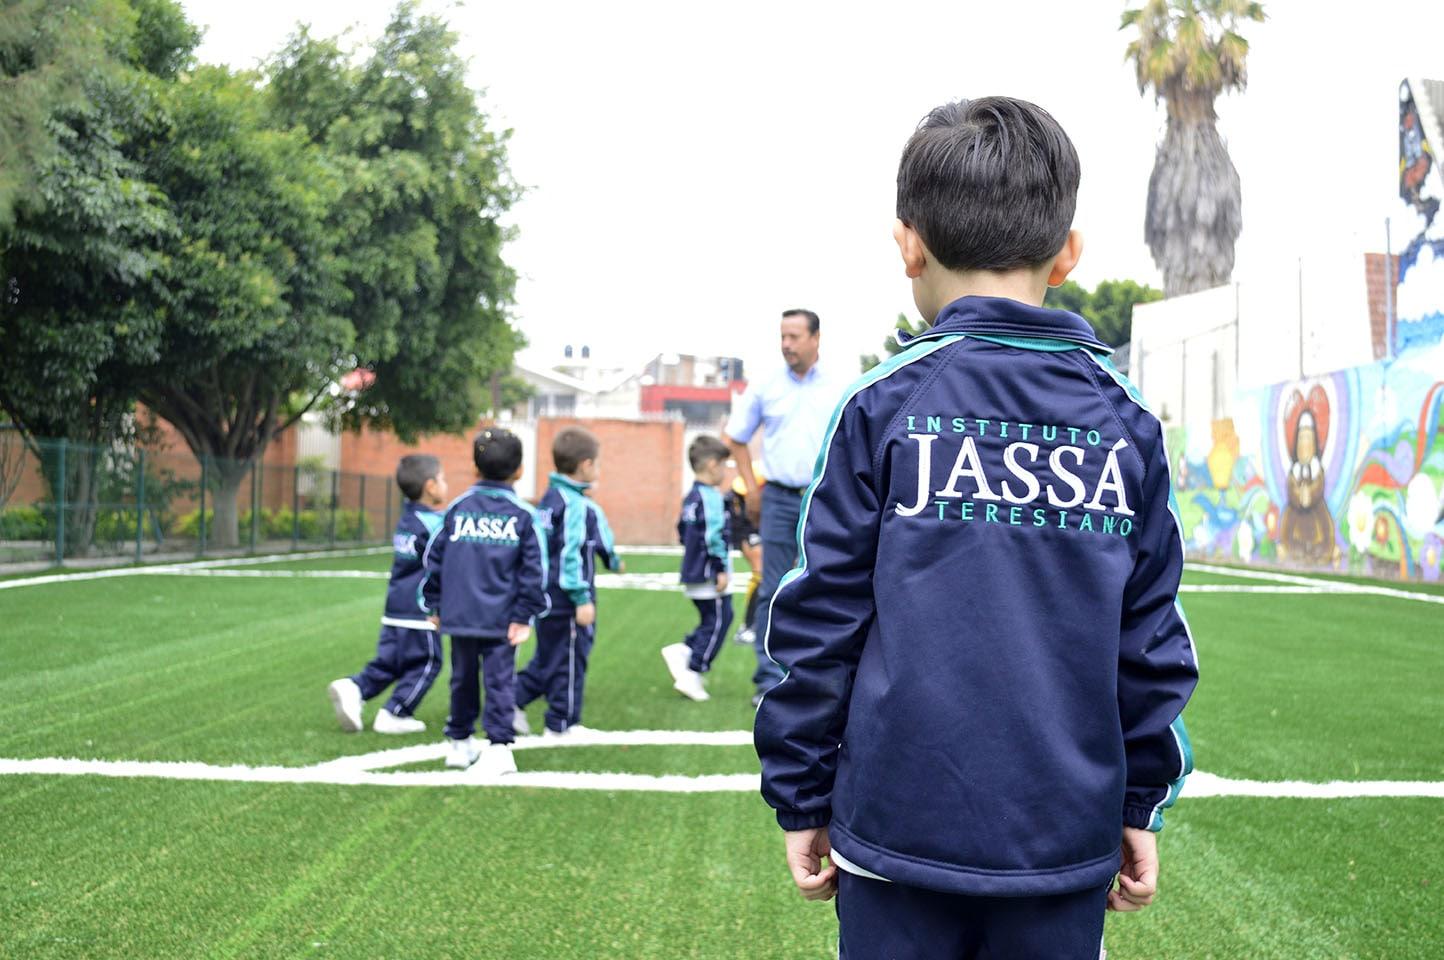 Instituto Jassa Teresiano primarias en leon guanajuato